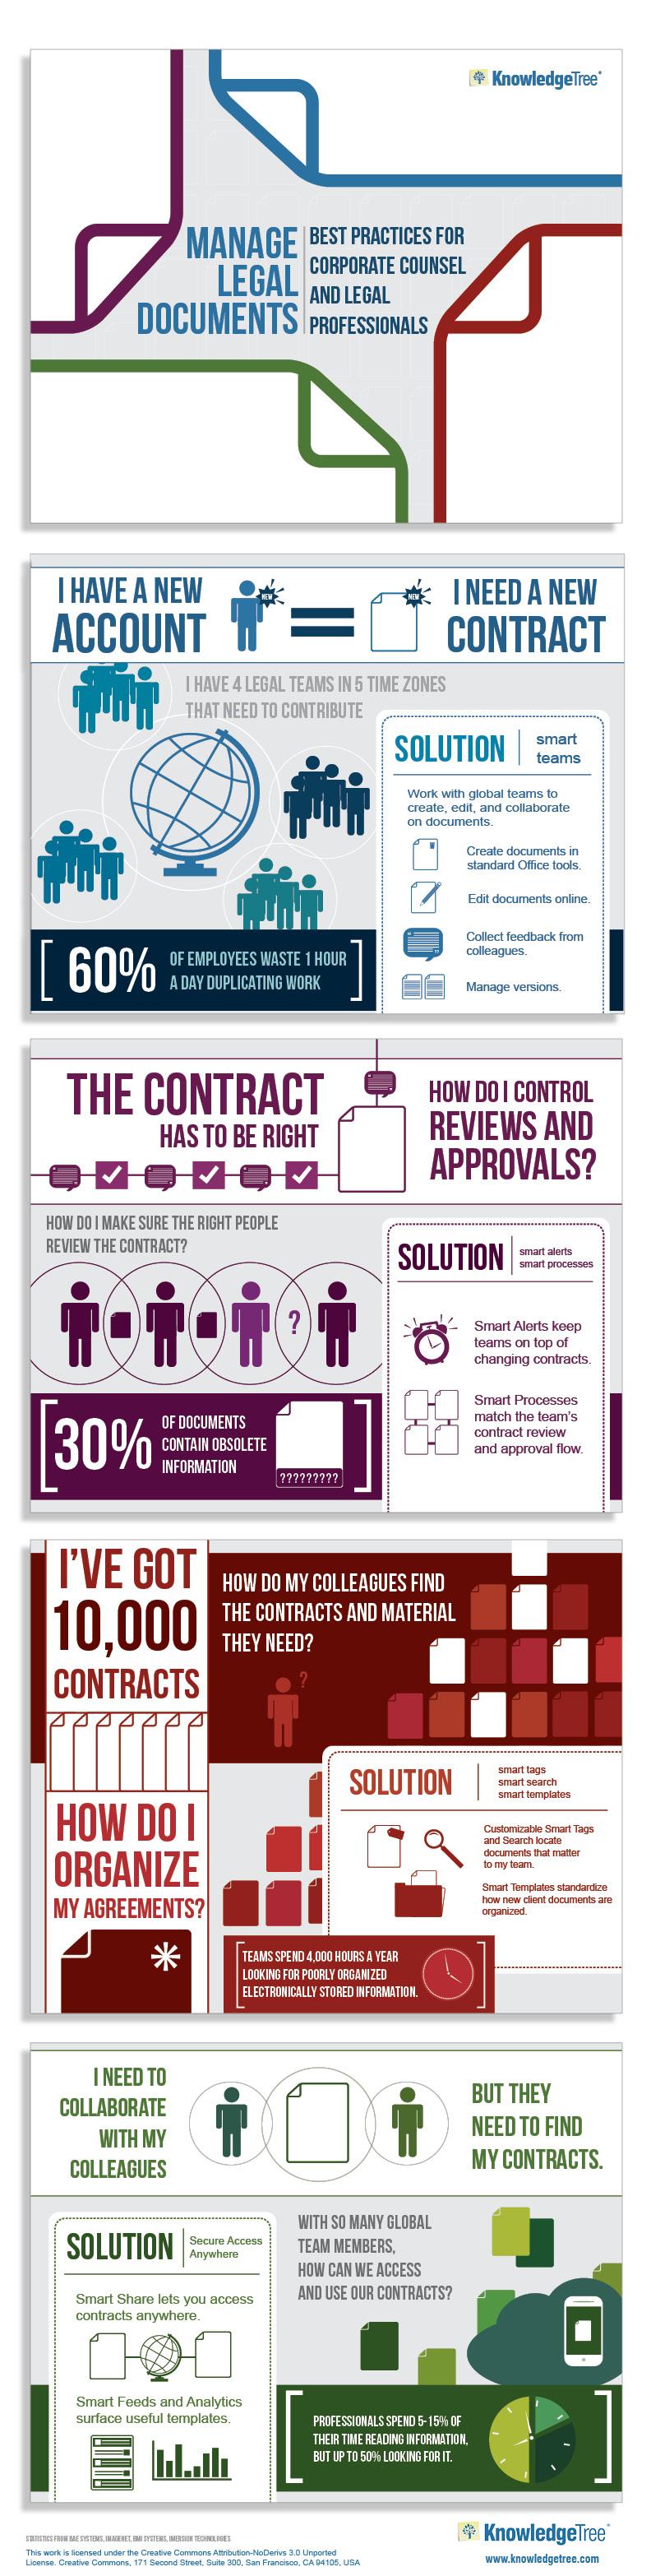 Legal Document Management Infographic Legal Document Management